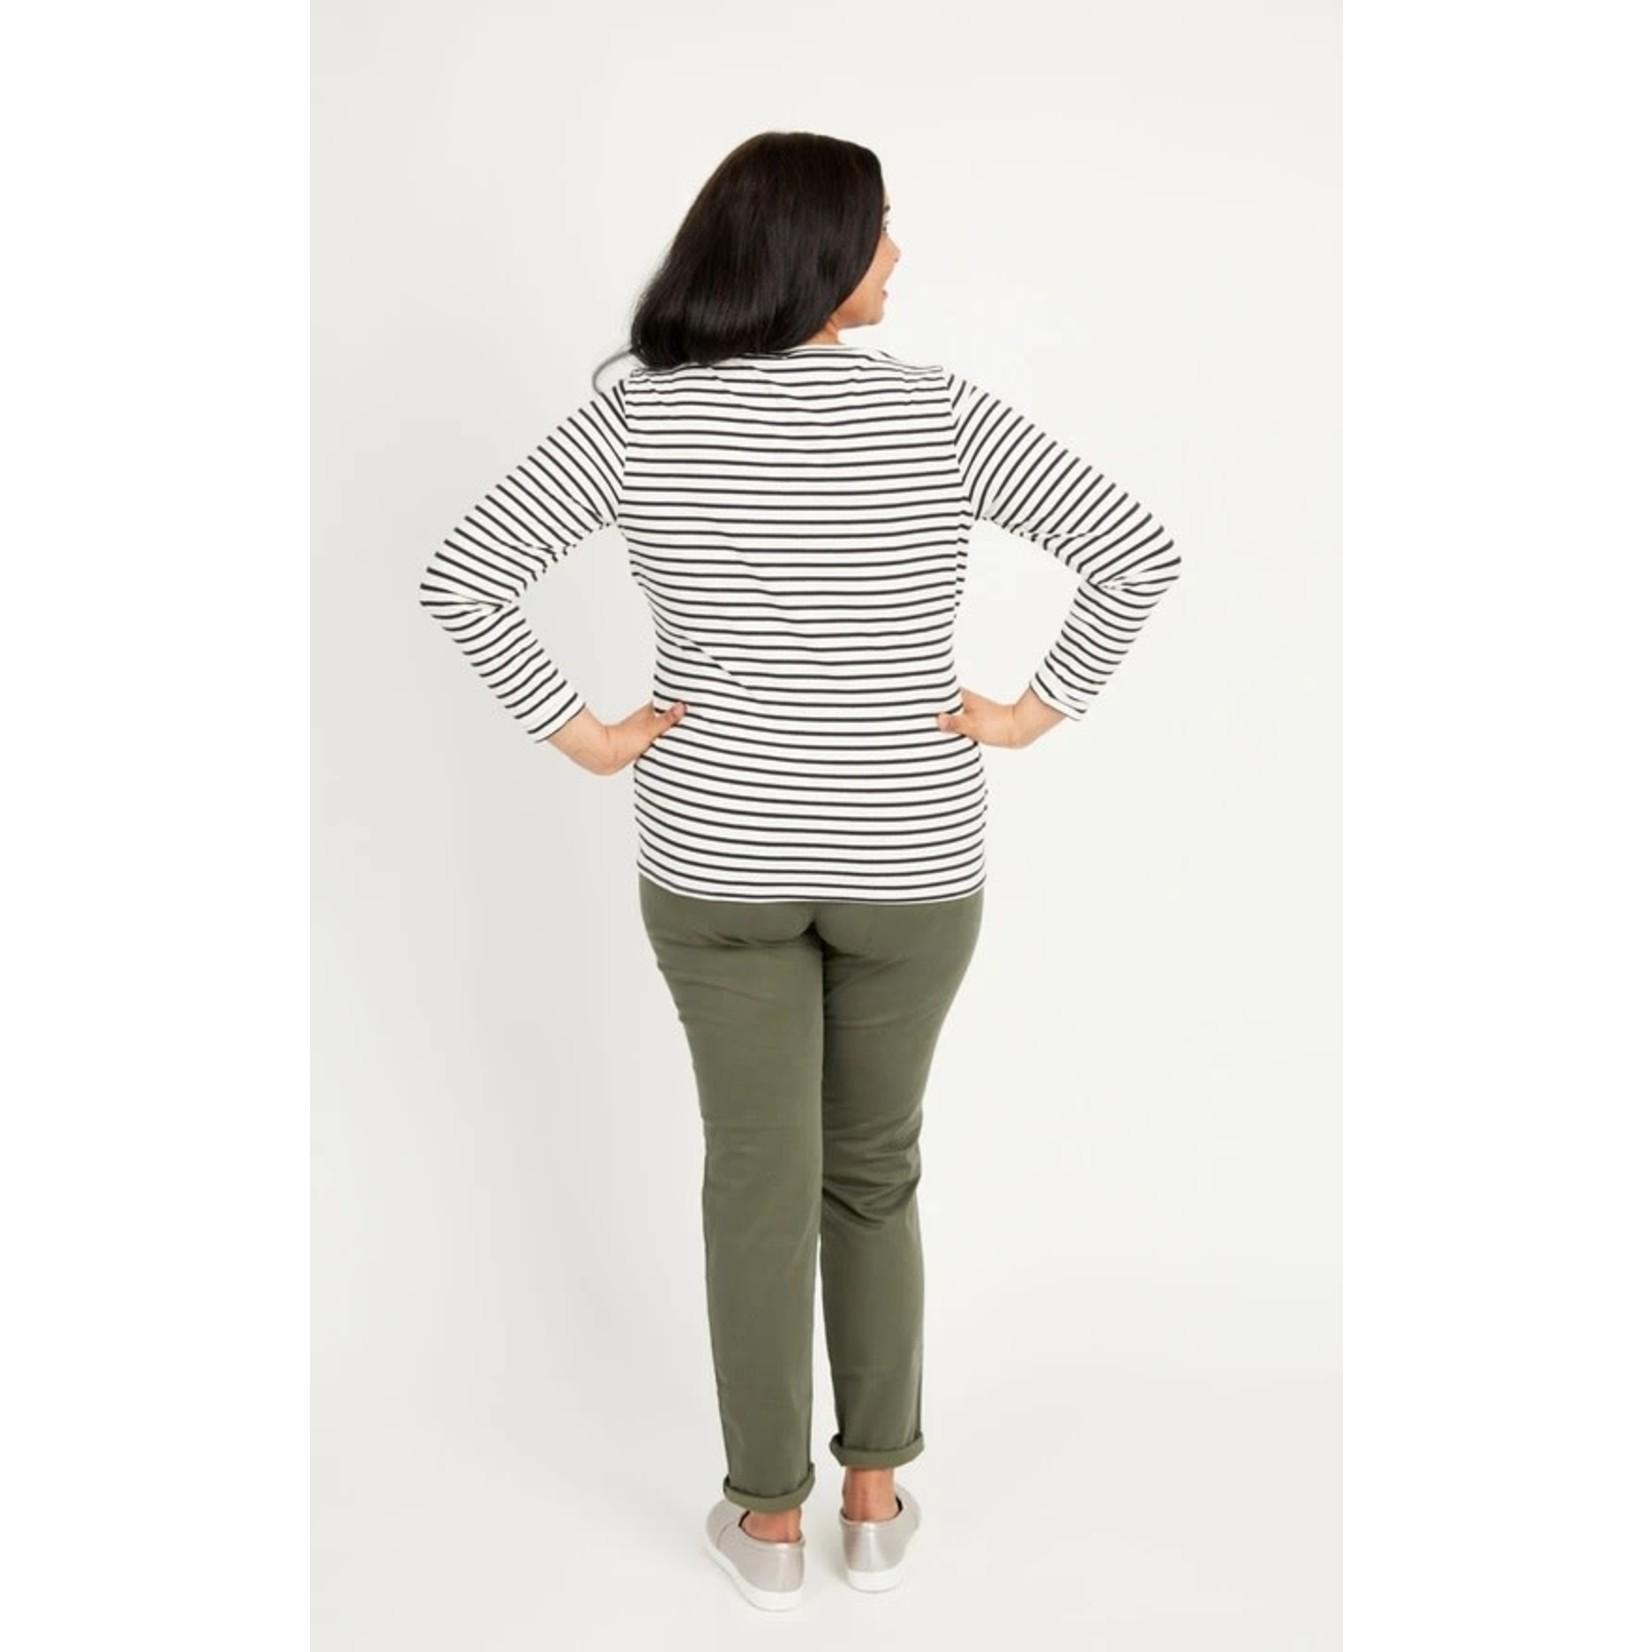 Cashmerette Concord T-Shirt Pattern 12-28 (Cup C-H)